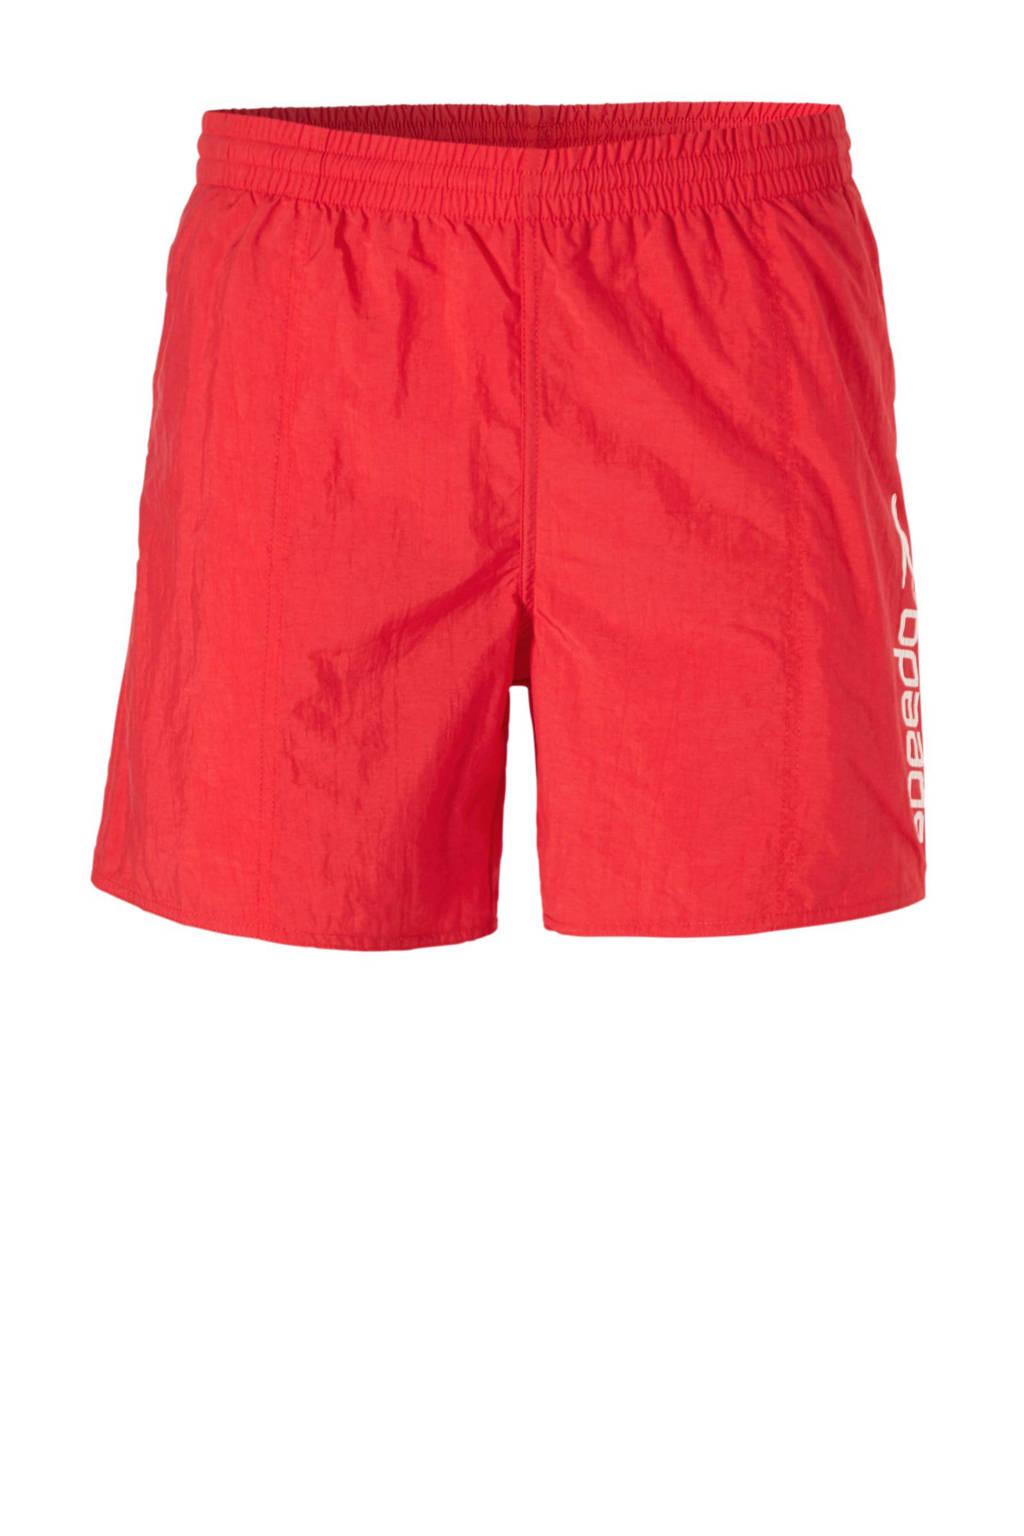 Speedo zwemshort met printopdruk rood, Rood/wit